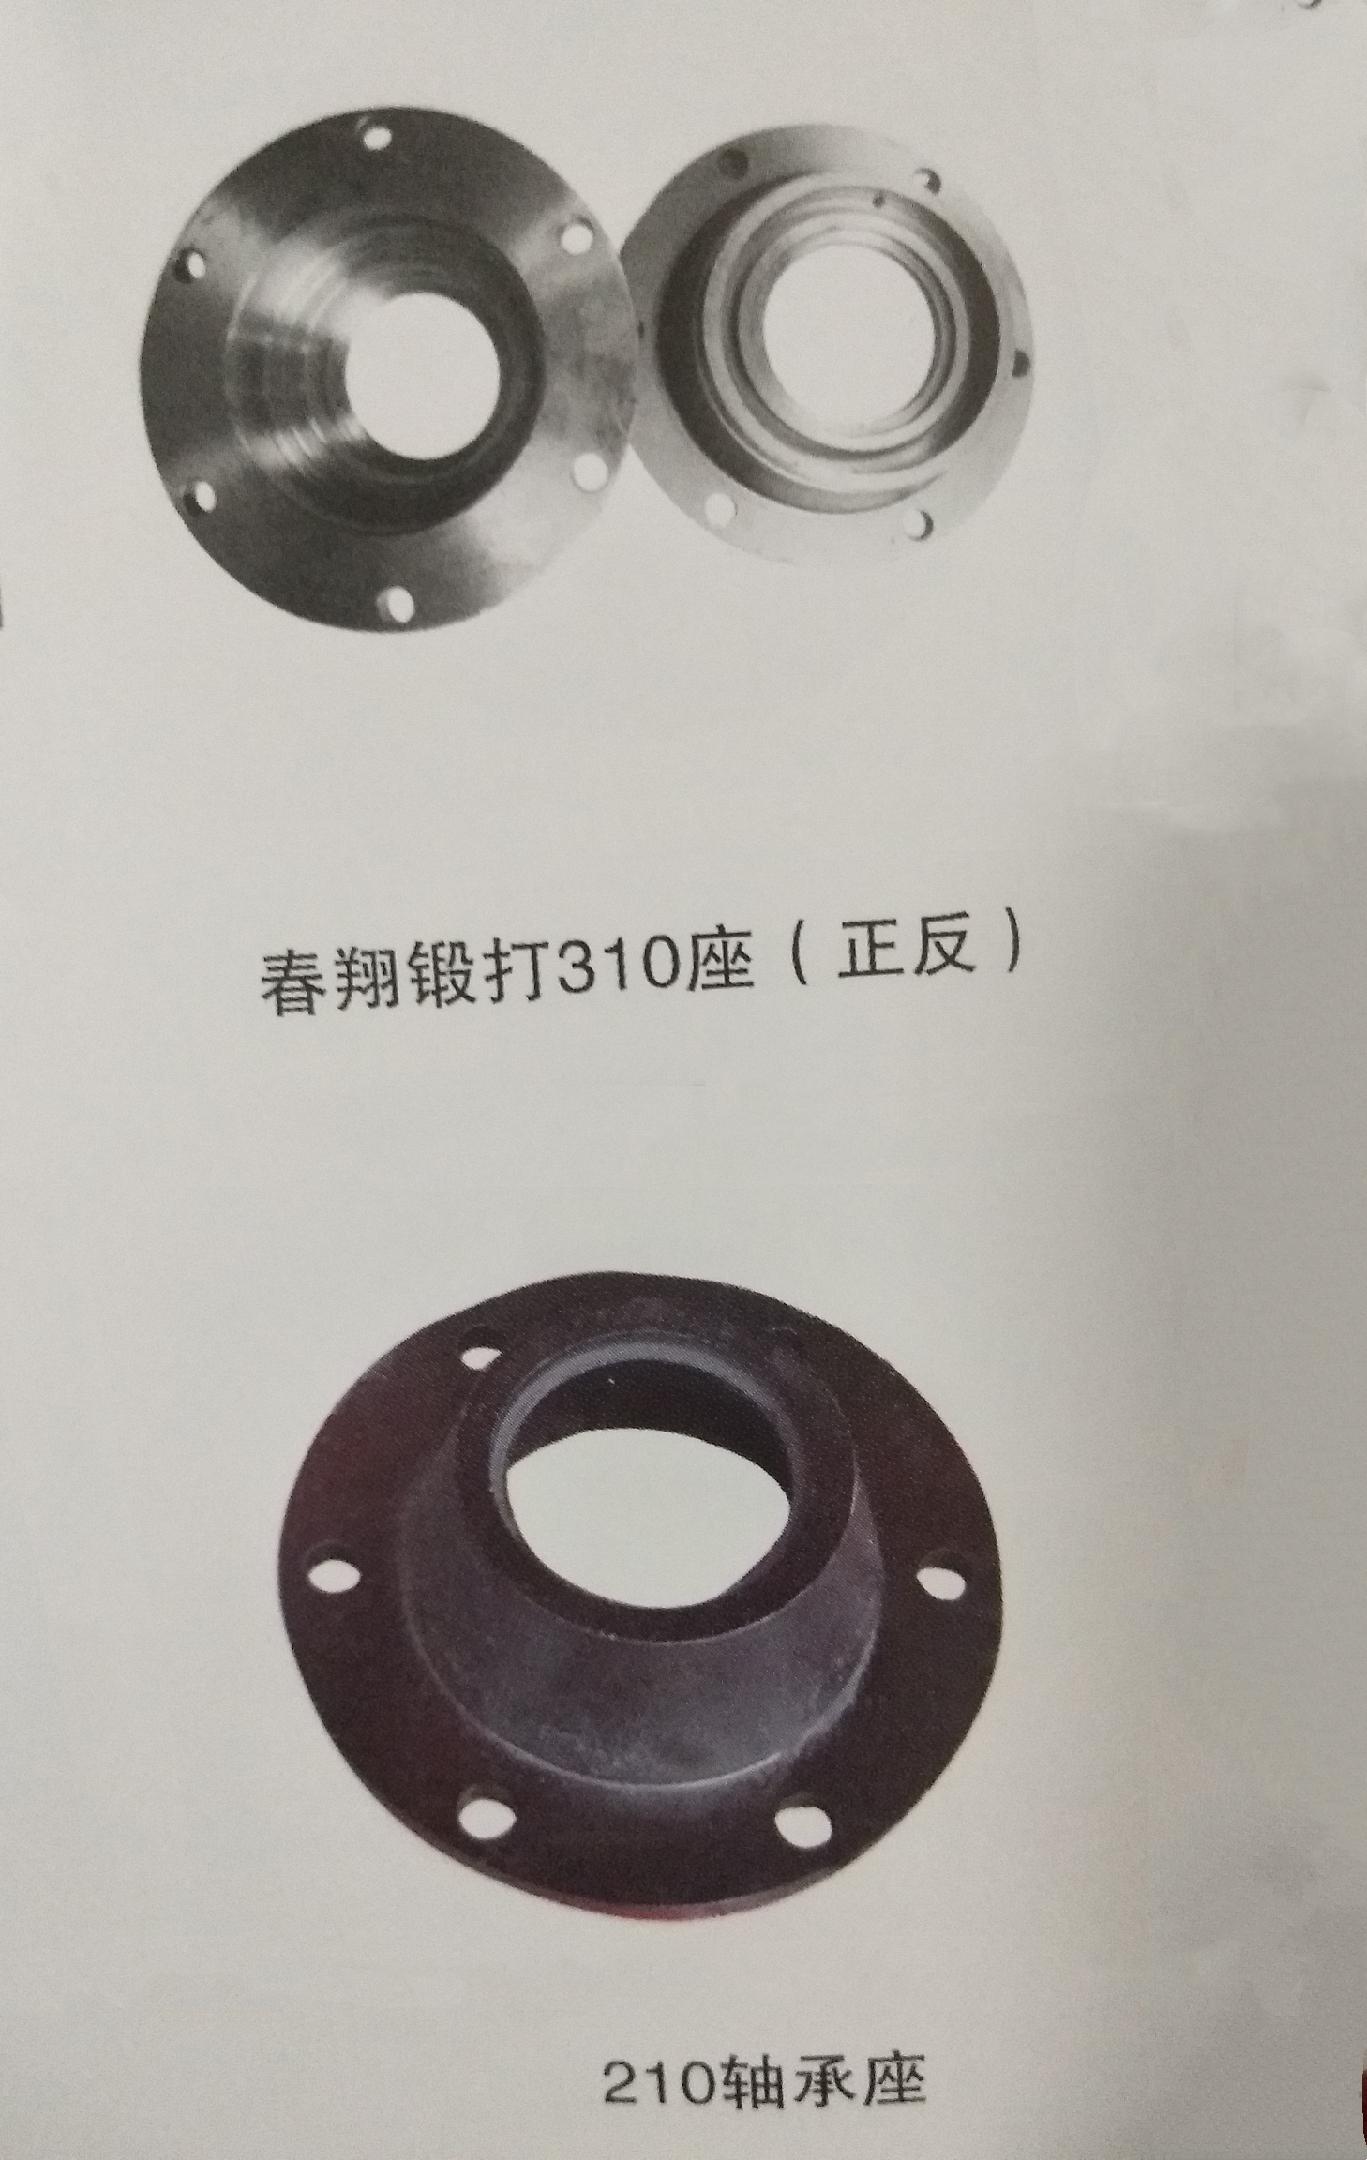 优质轴承座价格 轴承座生产厂家 轴承座定制